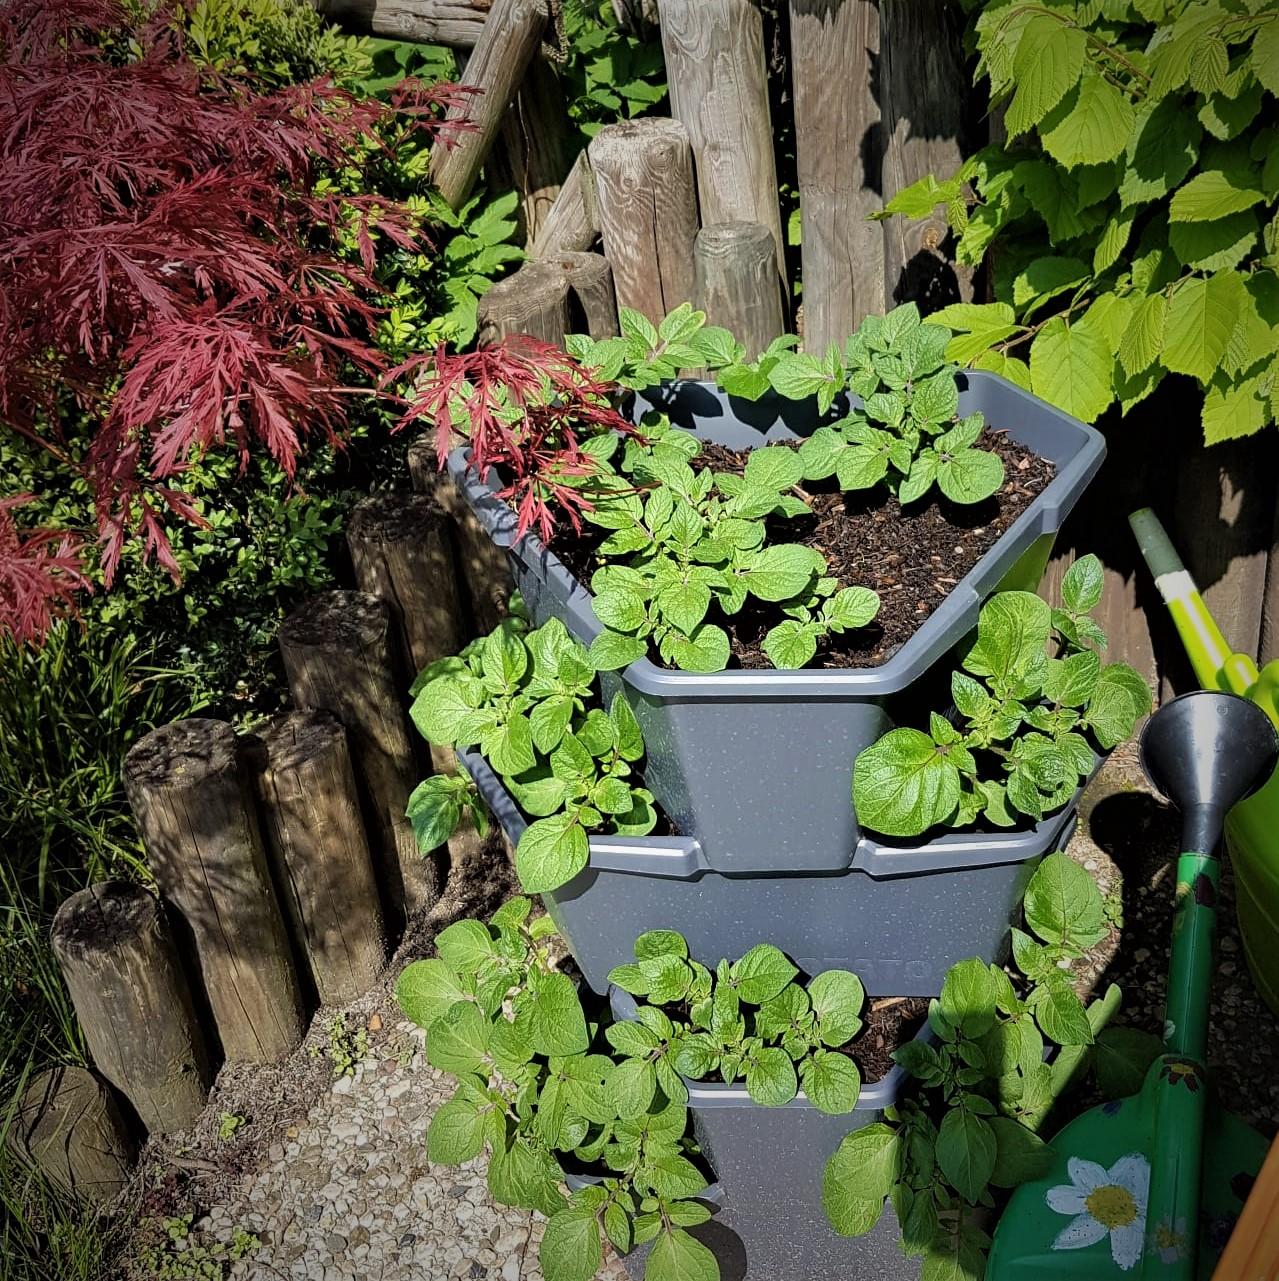 Pflanzturm in einem kleinen Garten